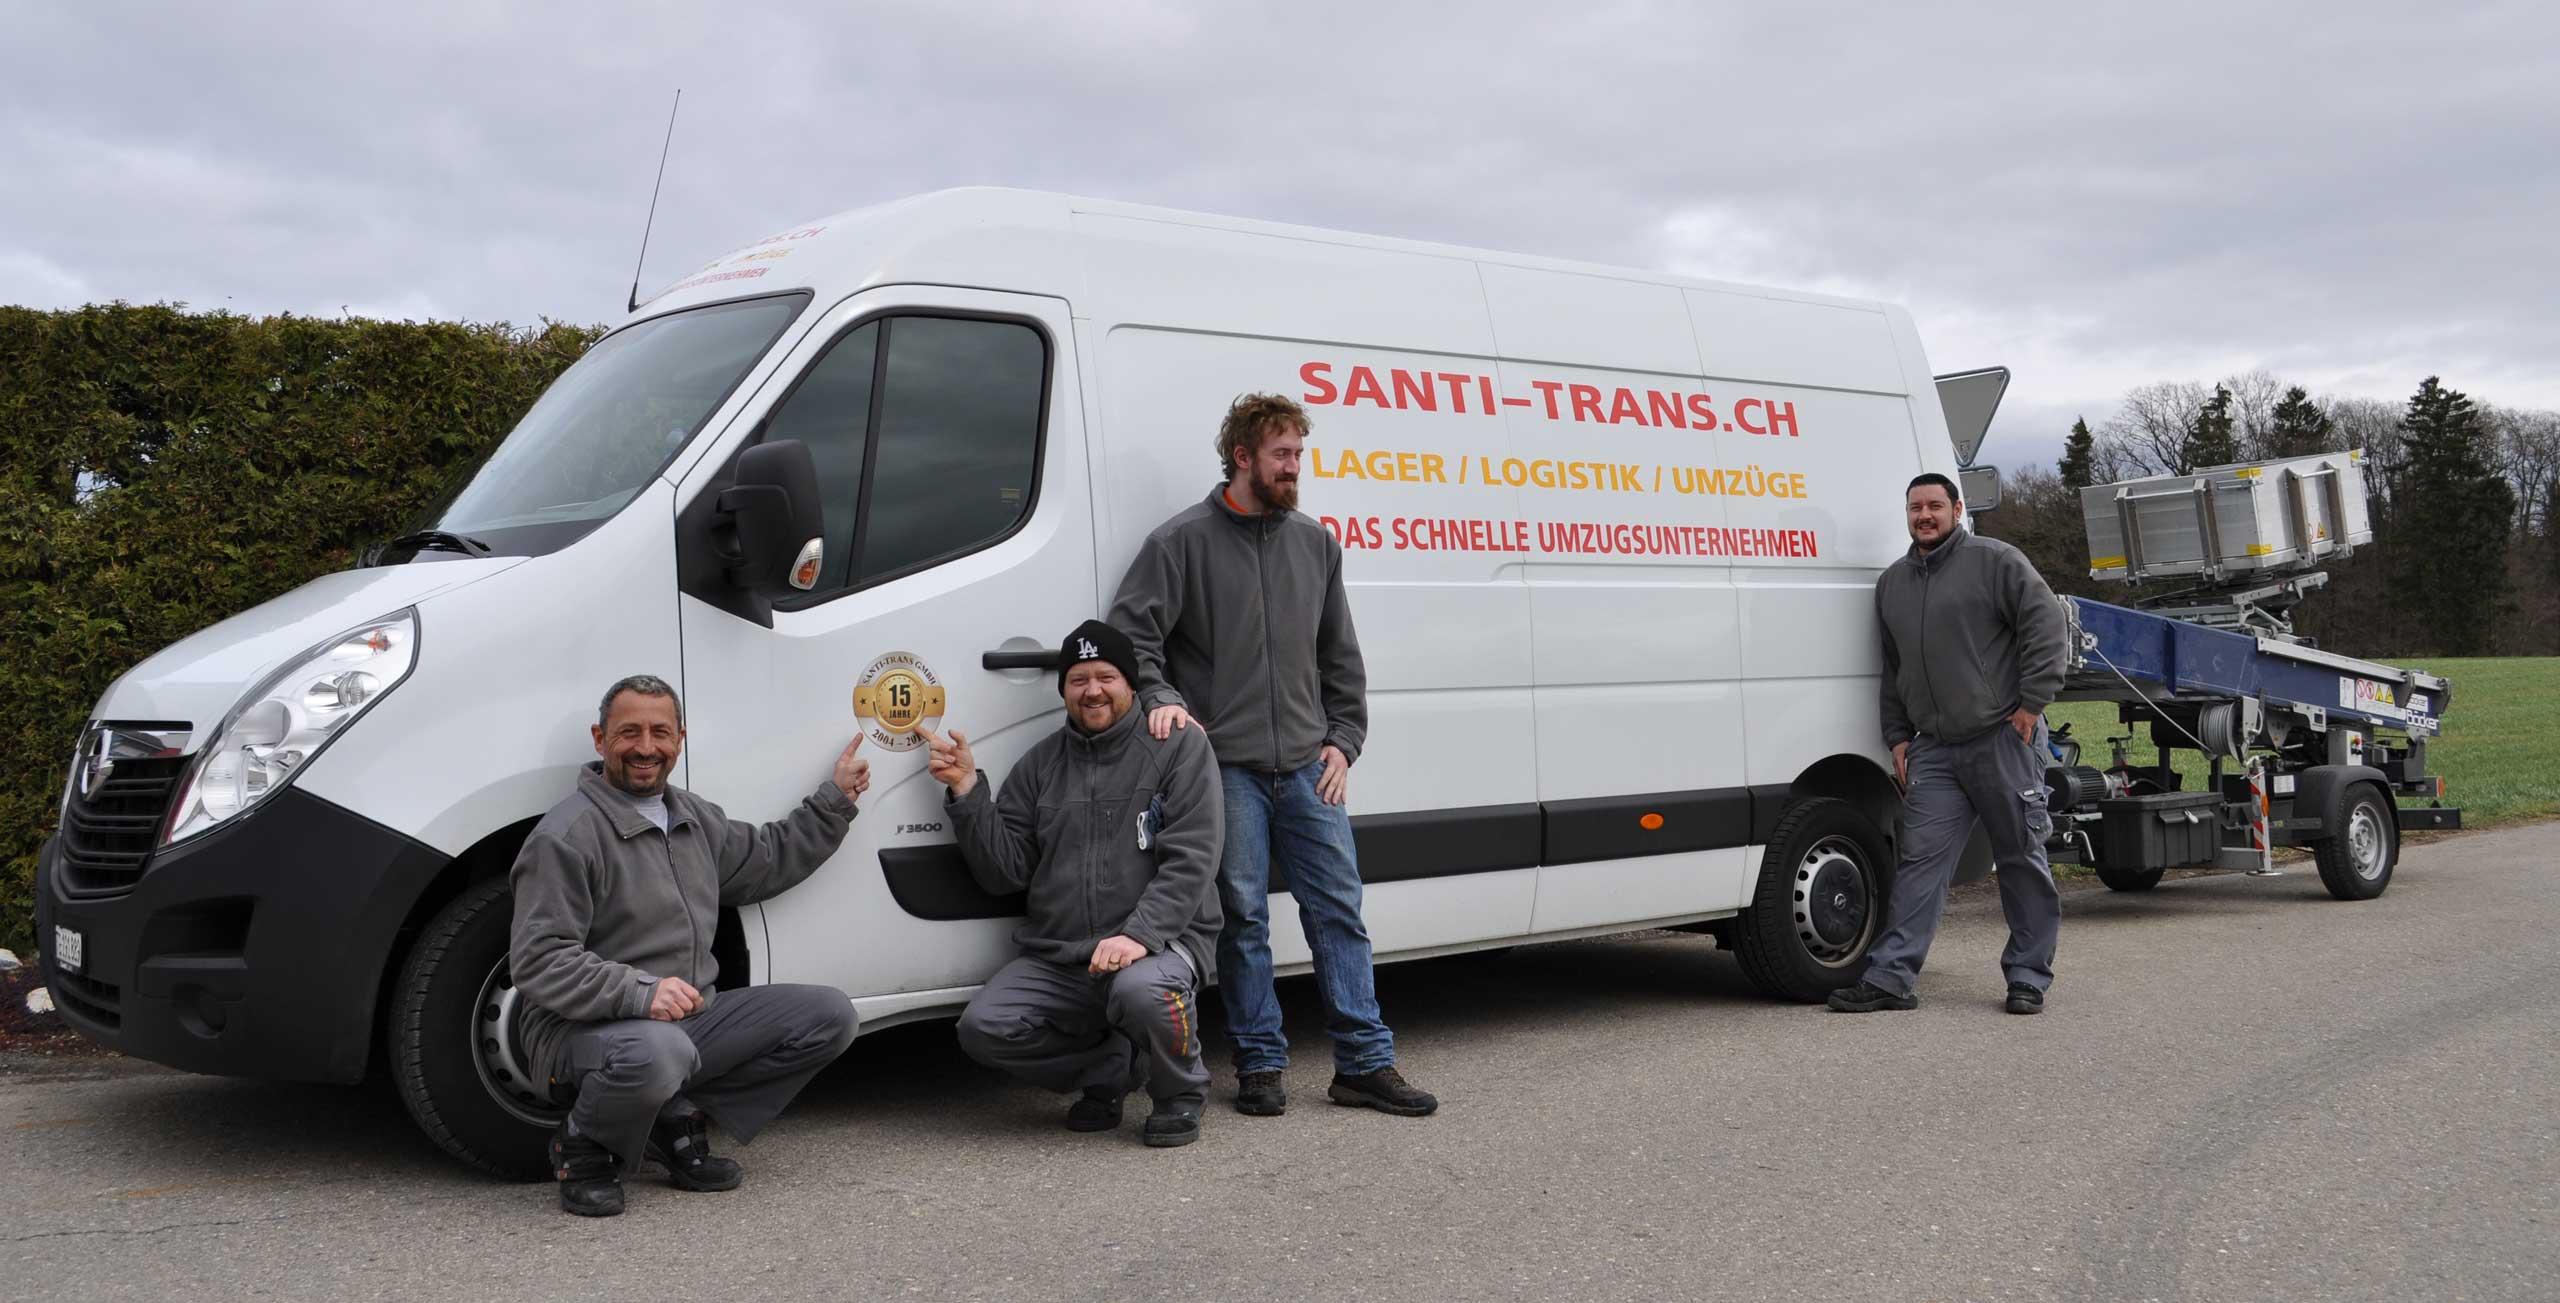 Santi-Trans - professionell Zügeln